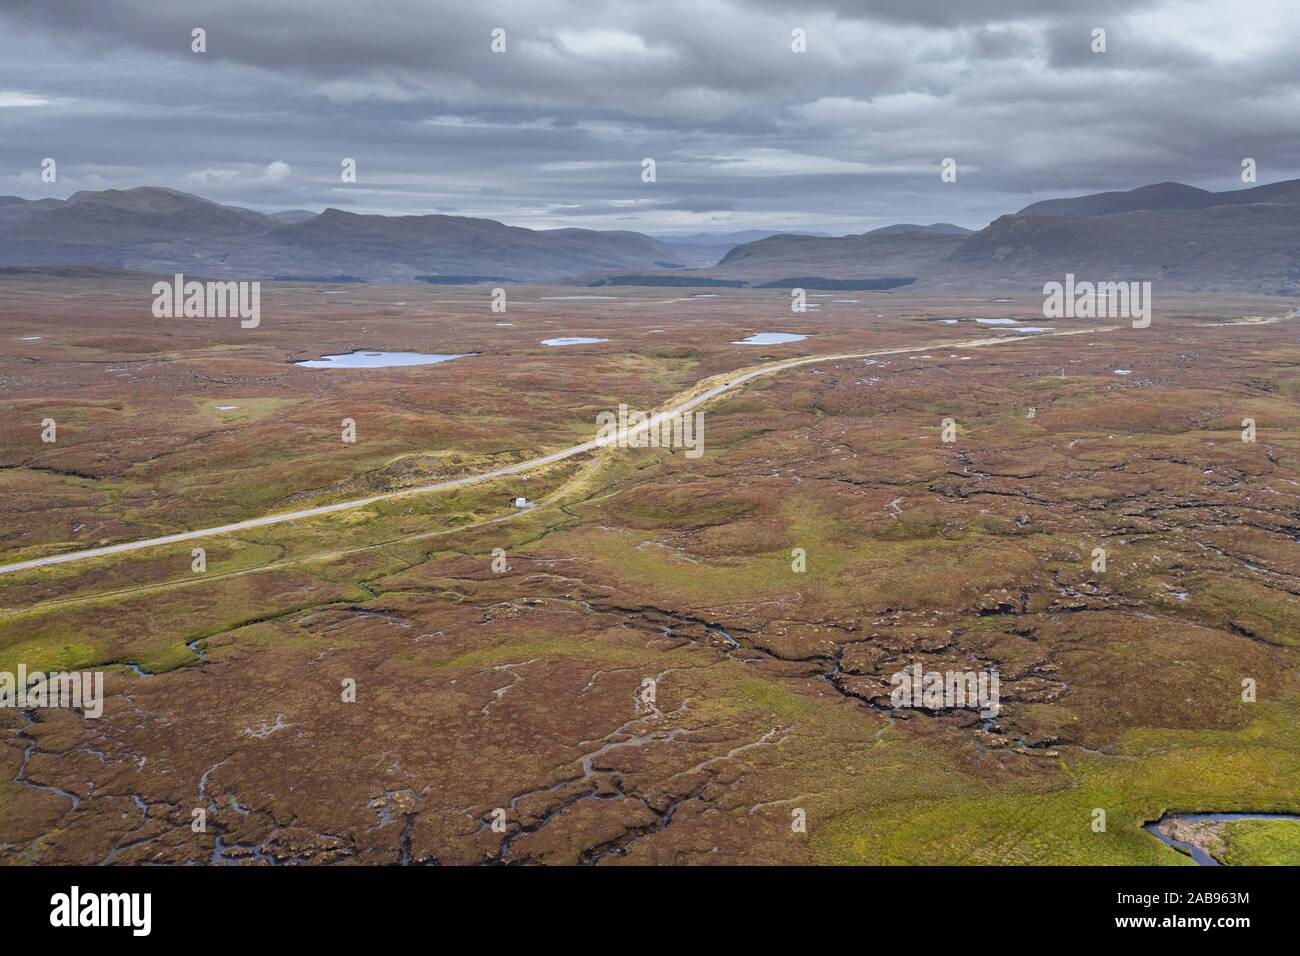 Vista aérea sobre humedales escénico a través de una carretera cerca de832 Fairmore en el noroeste Highlands de Escocia - NC500 Ruta Foto de stock